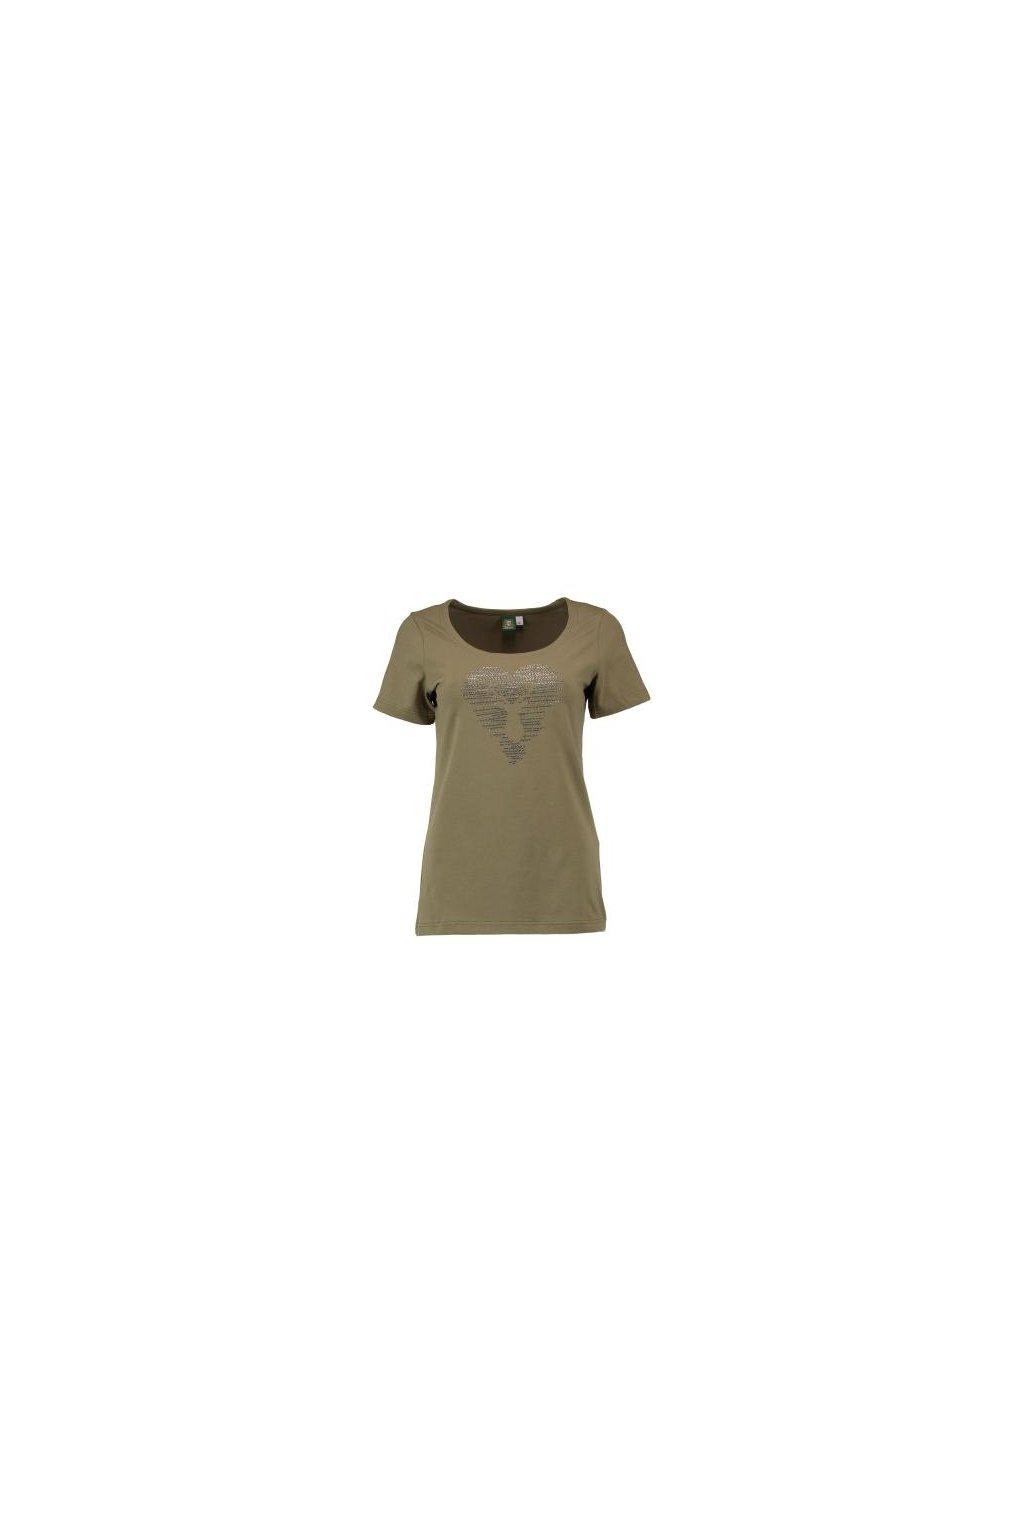 Orbis - tričko dámské oliv jelen 2206